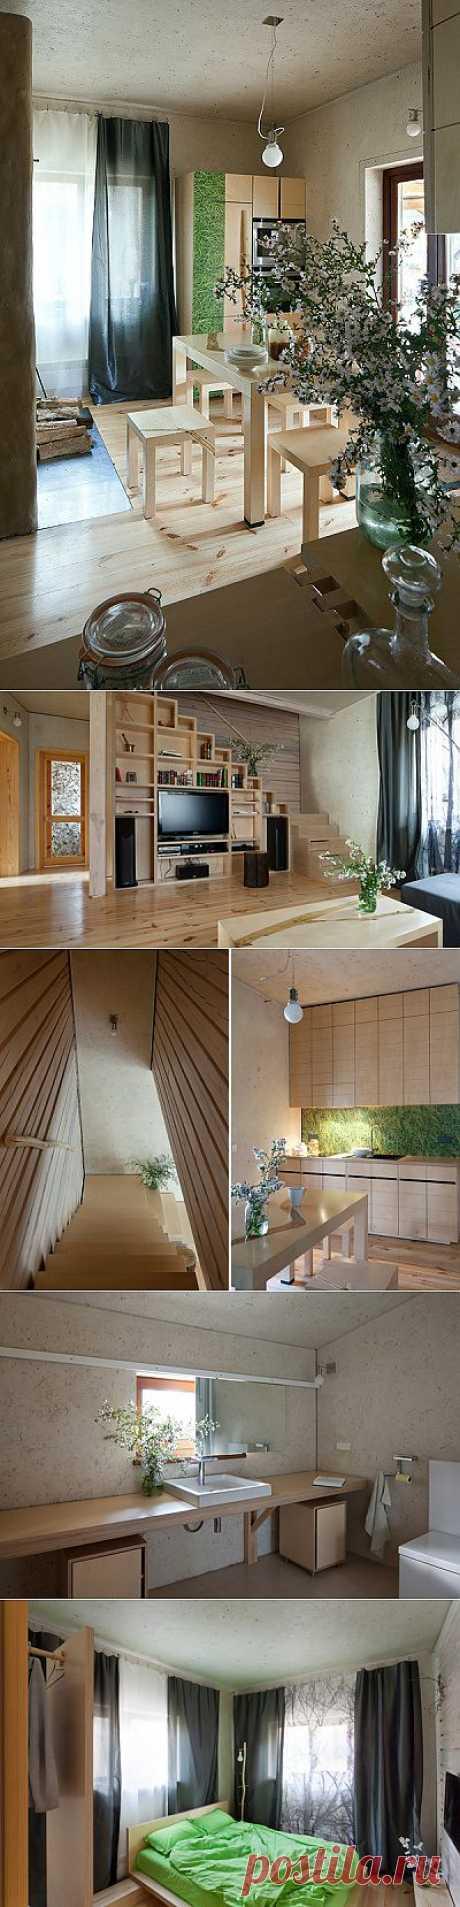 Home in the Log Cabin – эко-дом от украинских дизайнеров   Идеи вашего дома   Архитектура и интерьер